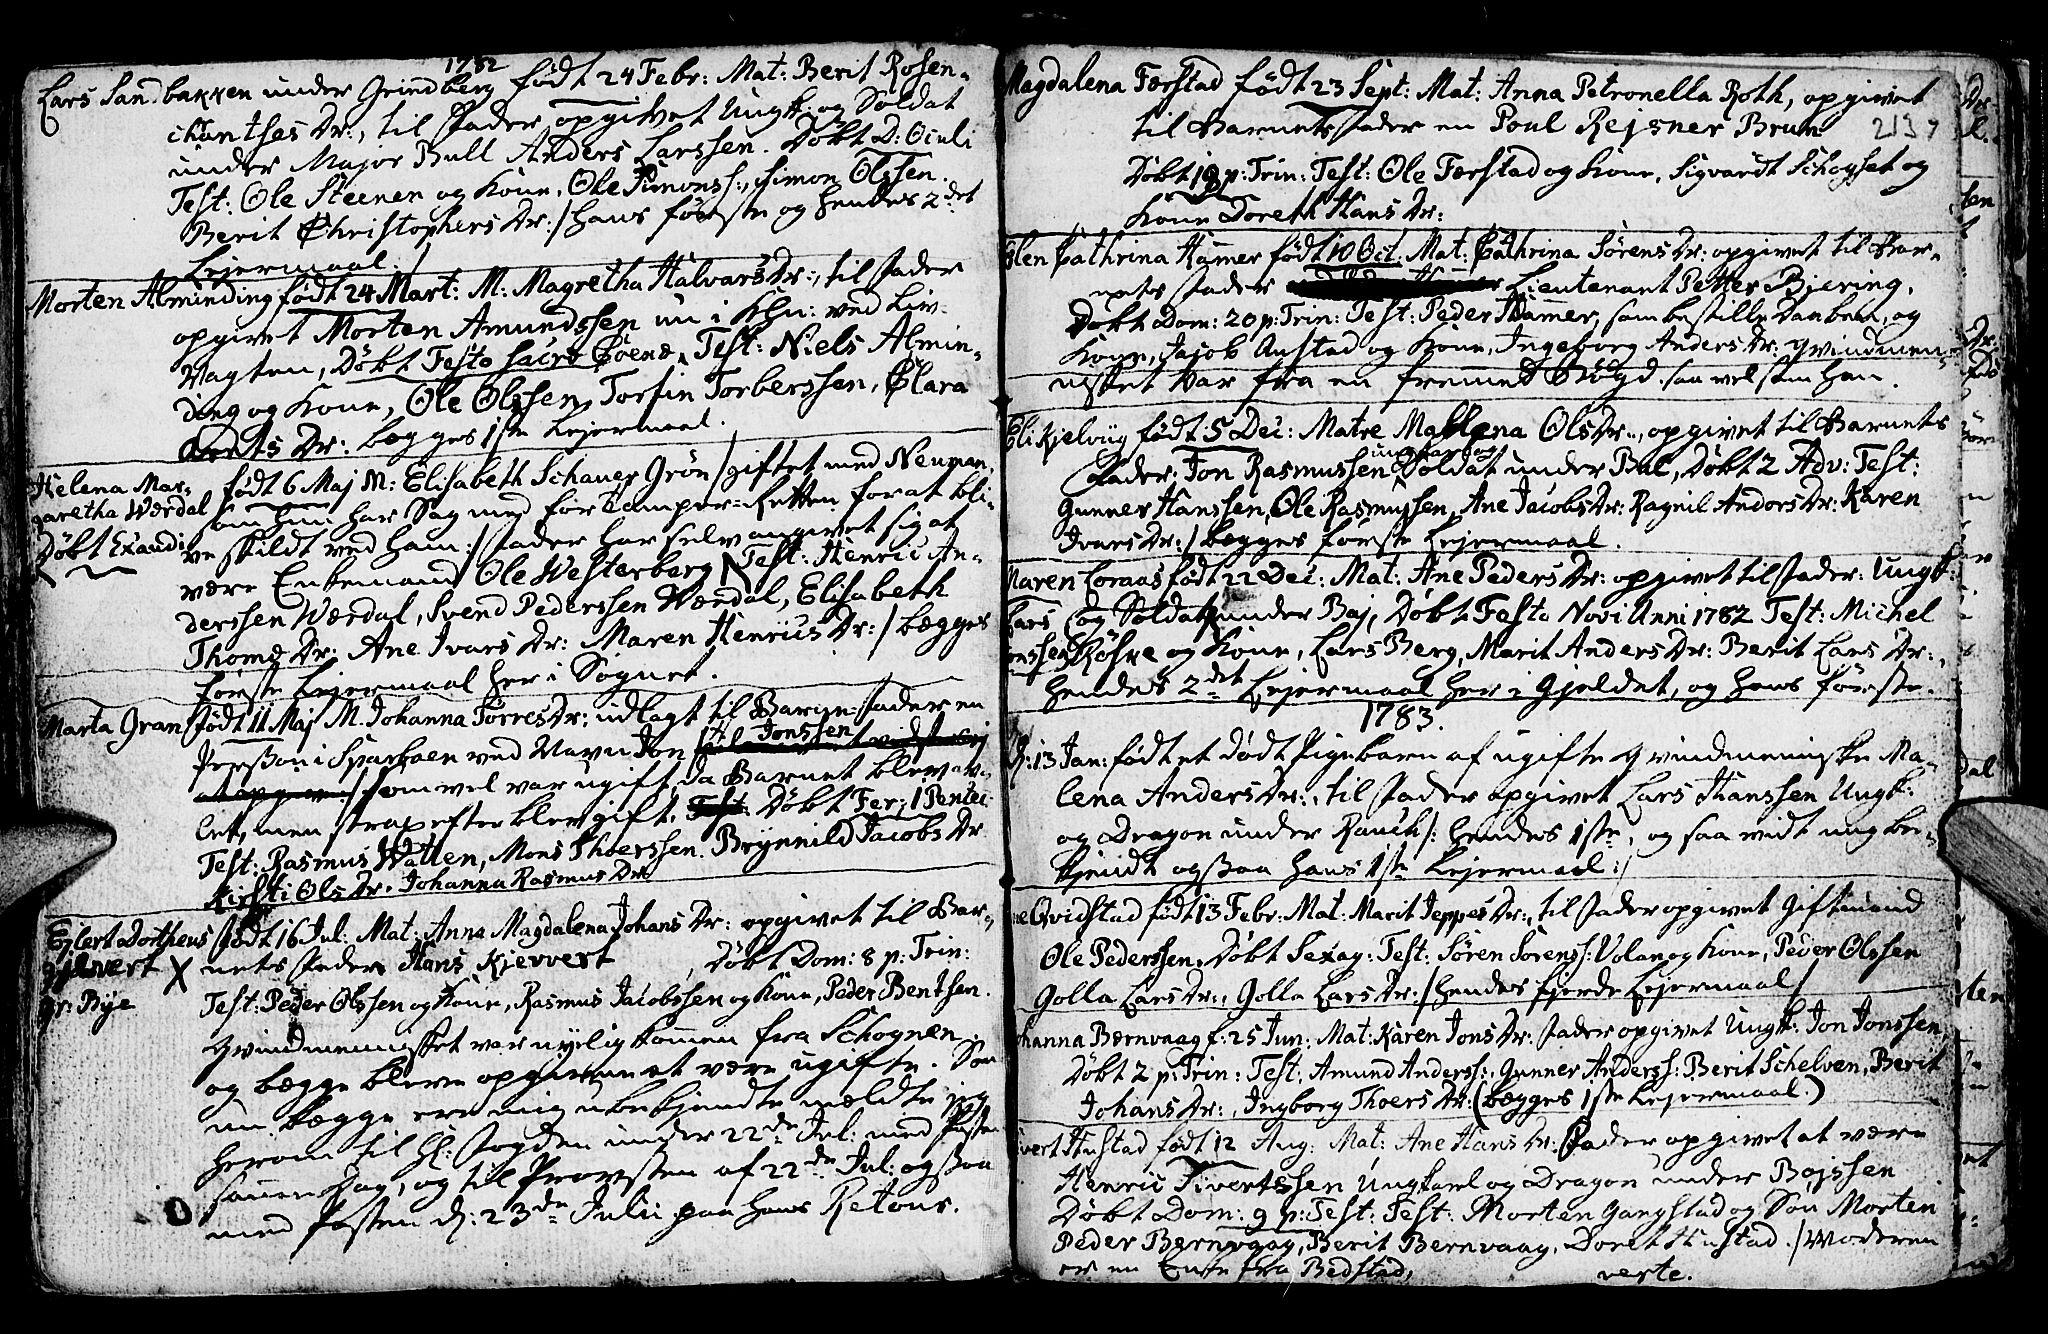 SAT, Ministerialprotokoller, klokkerbøker og fødselsregistre - Nord-Trøndelag, 730/L0273: Ministerialbok nr. 730A02, 1762-1802, s. 213